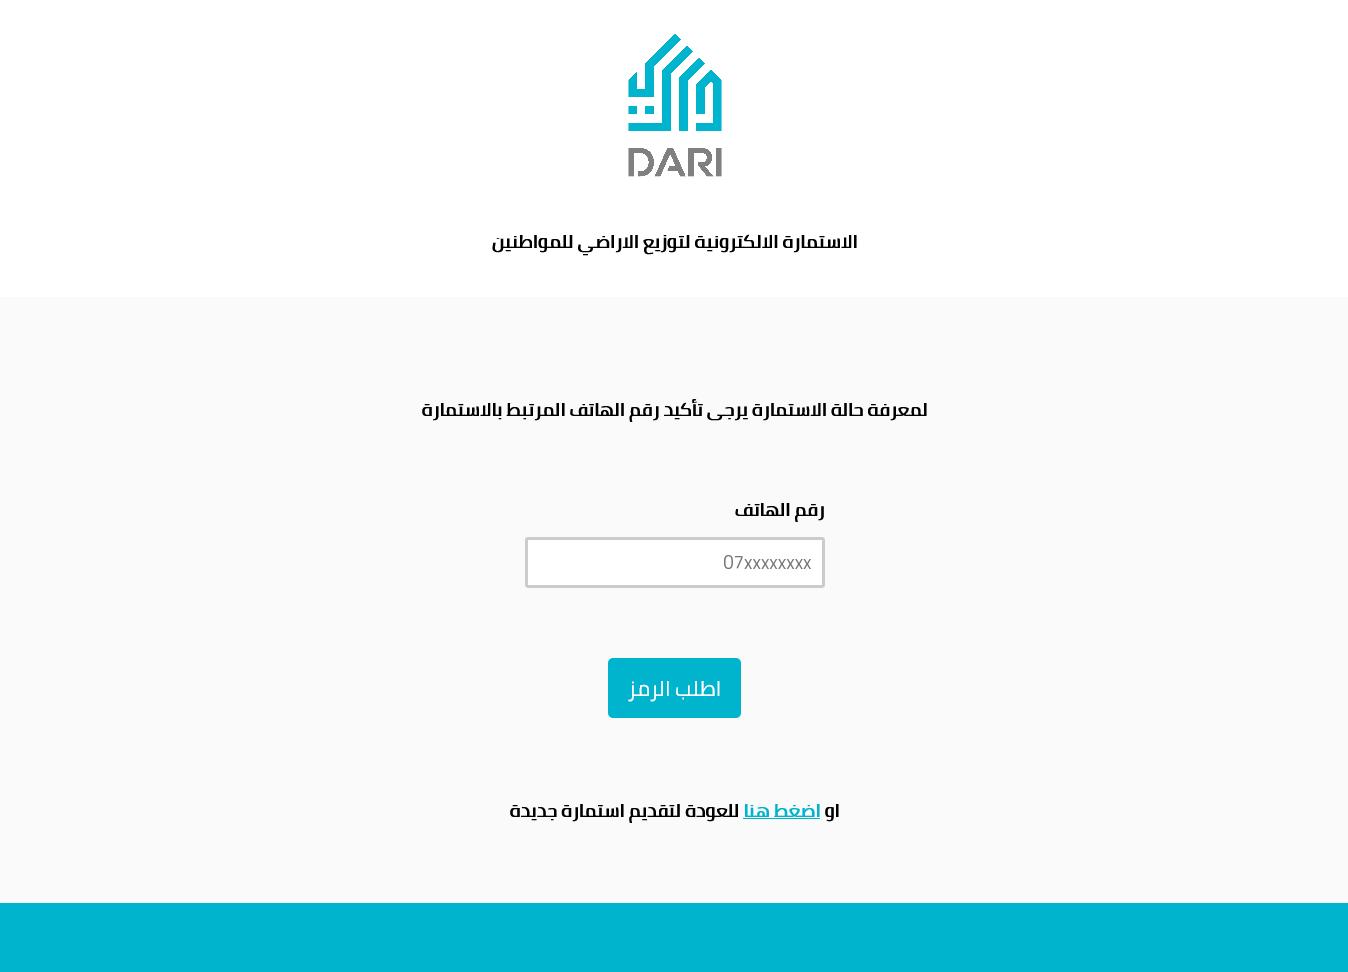 رابط متابعة حالة الاستمارة الإلكتروني عن طريق الرقم التعريفي